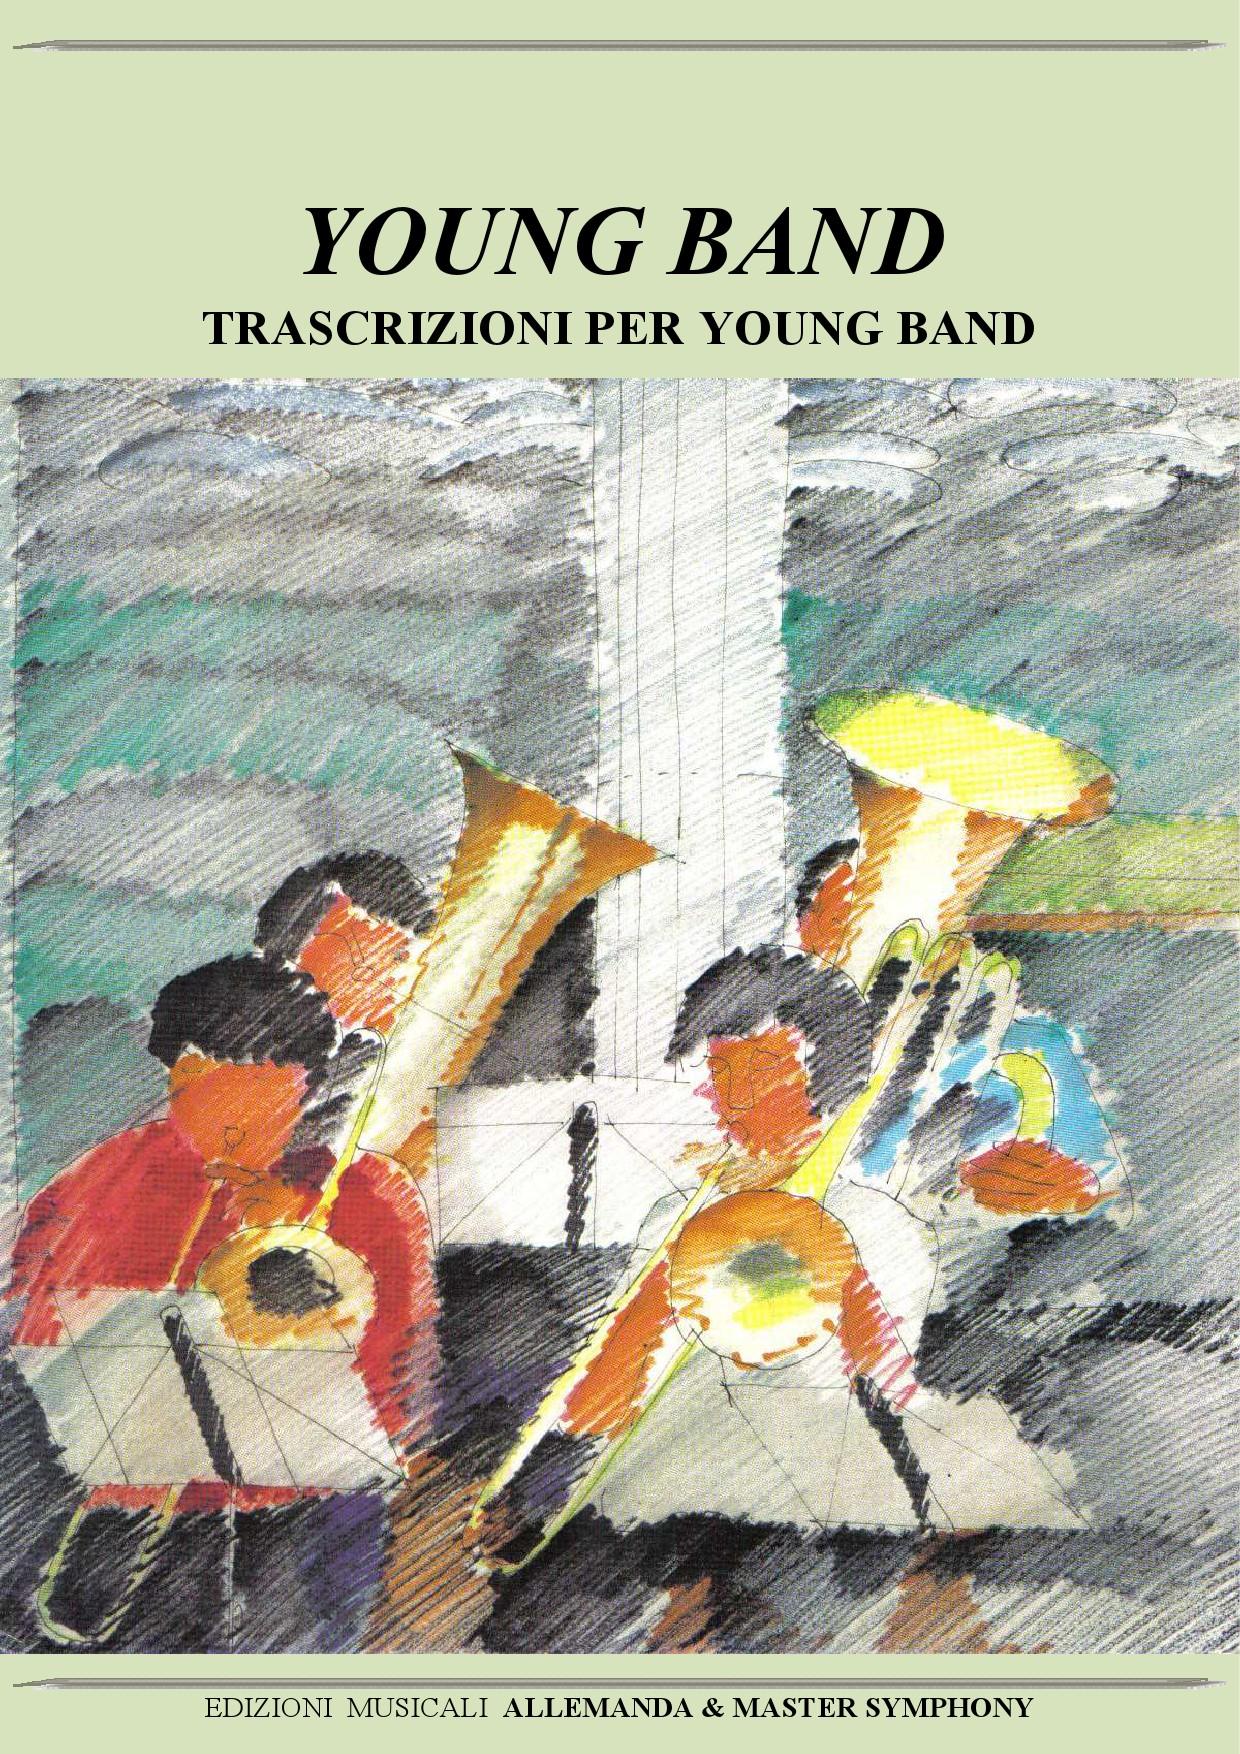 Trascrizioni per Young Band